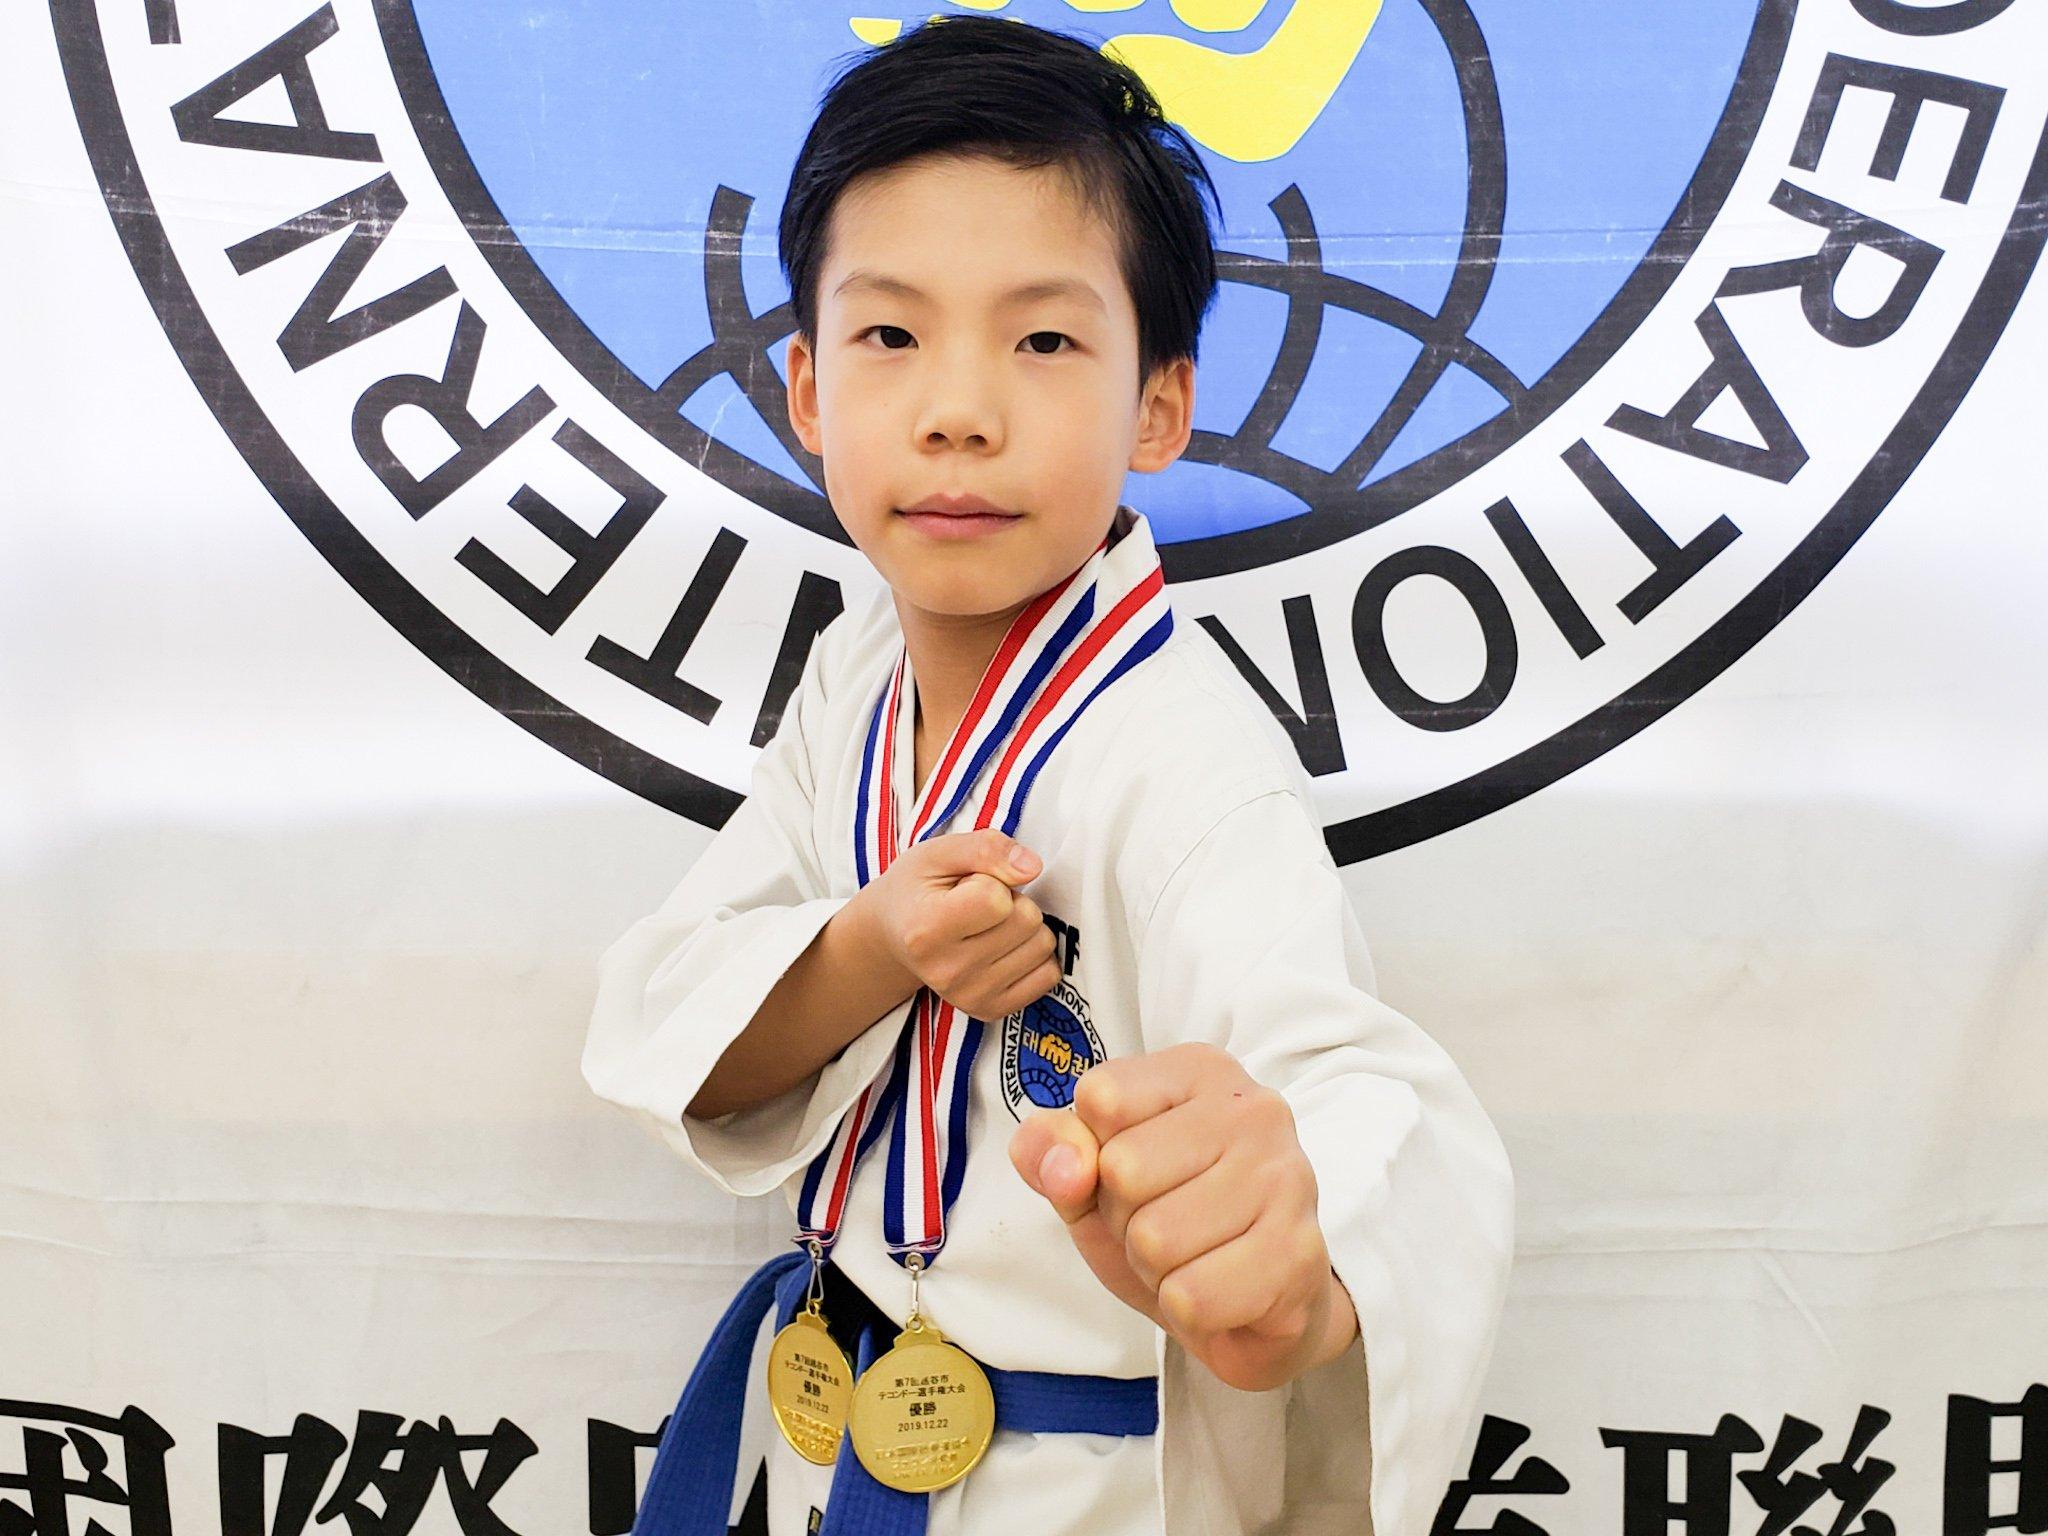 T.Oくん(8歳) 小学生